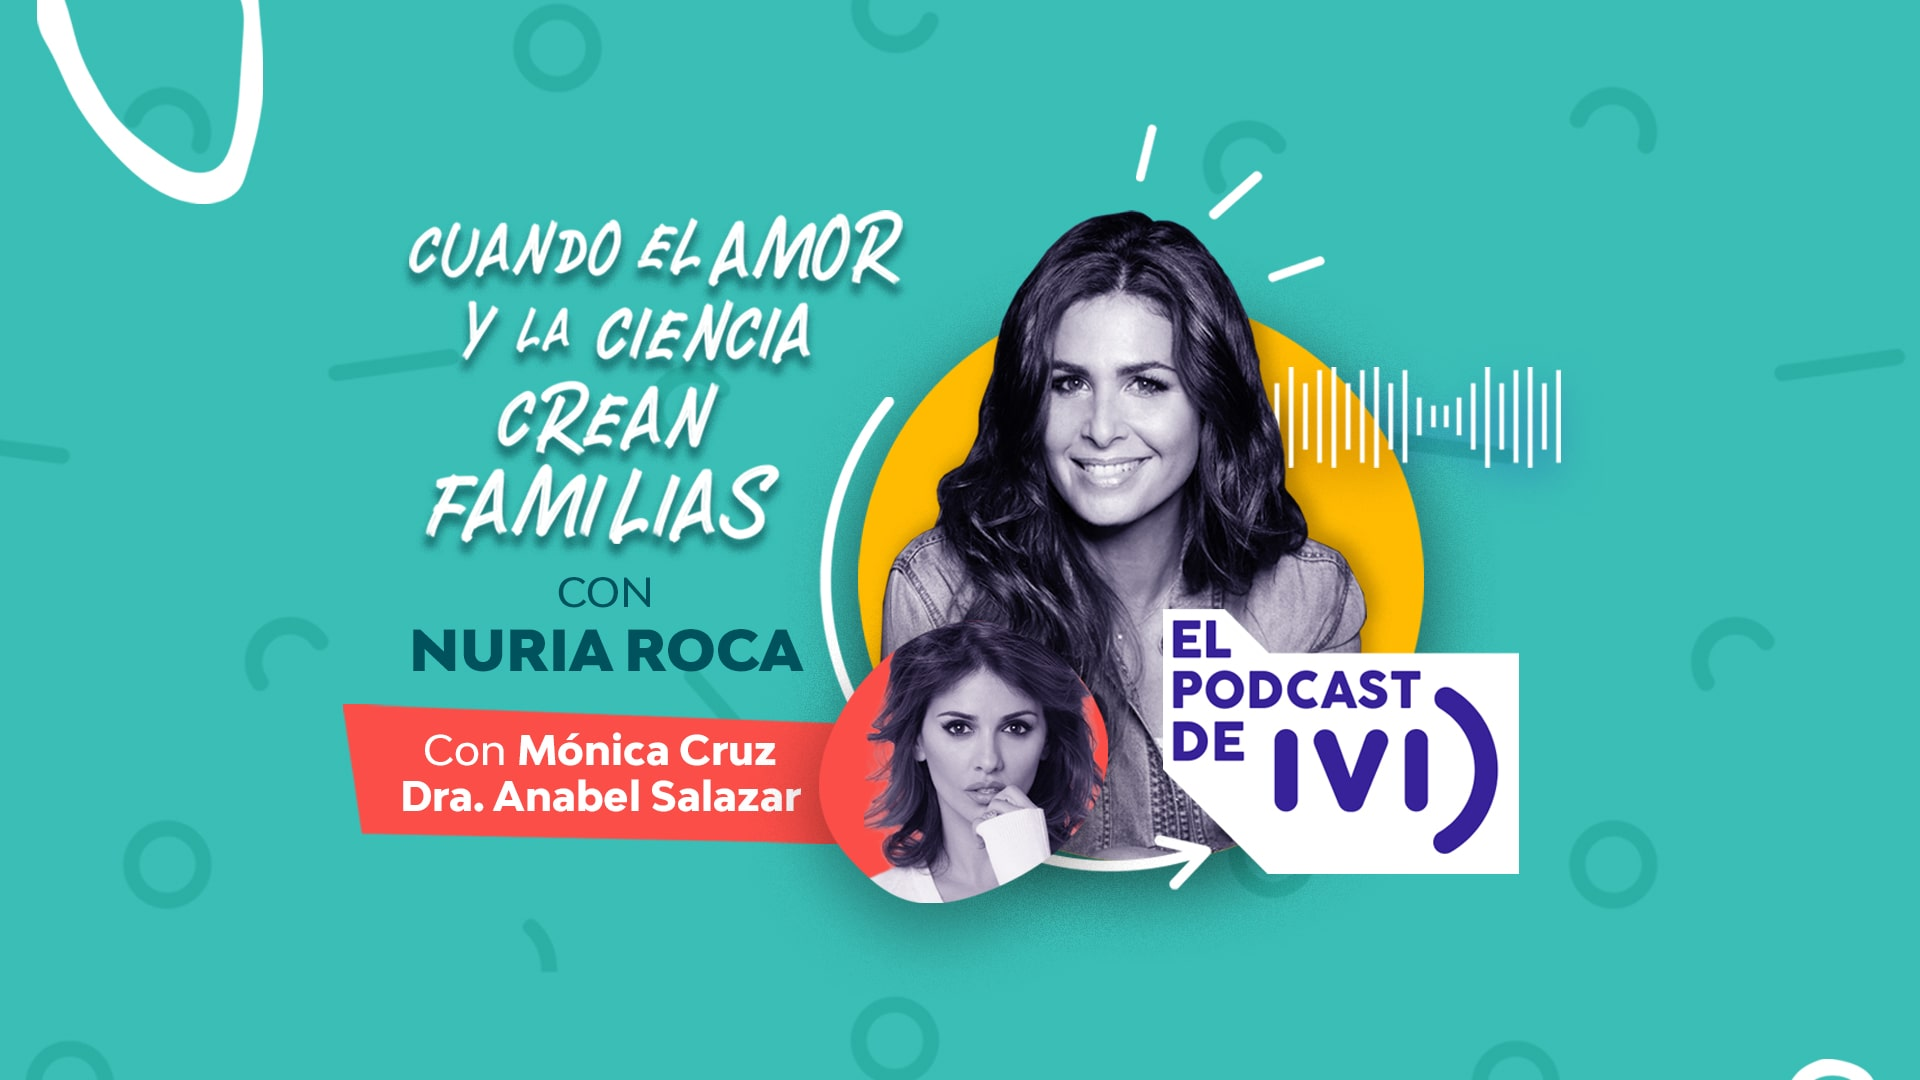 El podcast de IVI con Nuria Roca ep 02: Cuando el amor y la ciencia crean familias